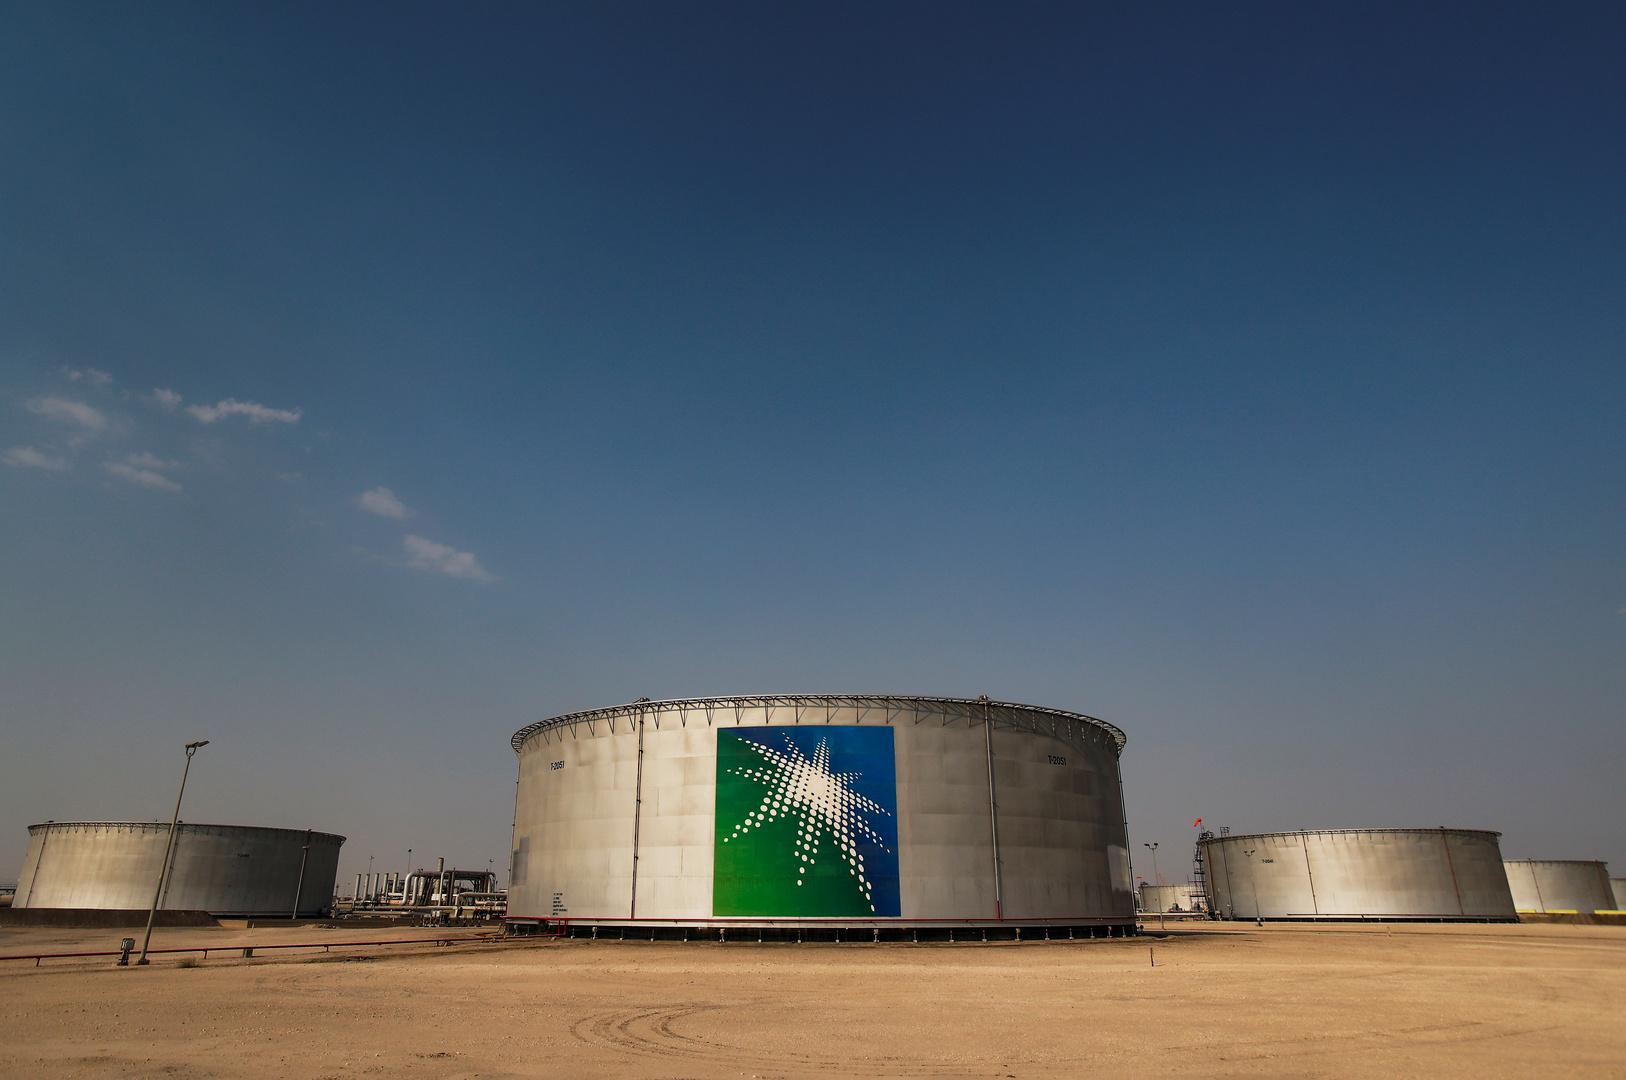 السعودية تعتزم ضخ كميات قياسية من النفط